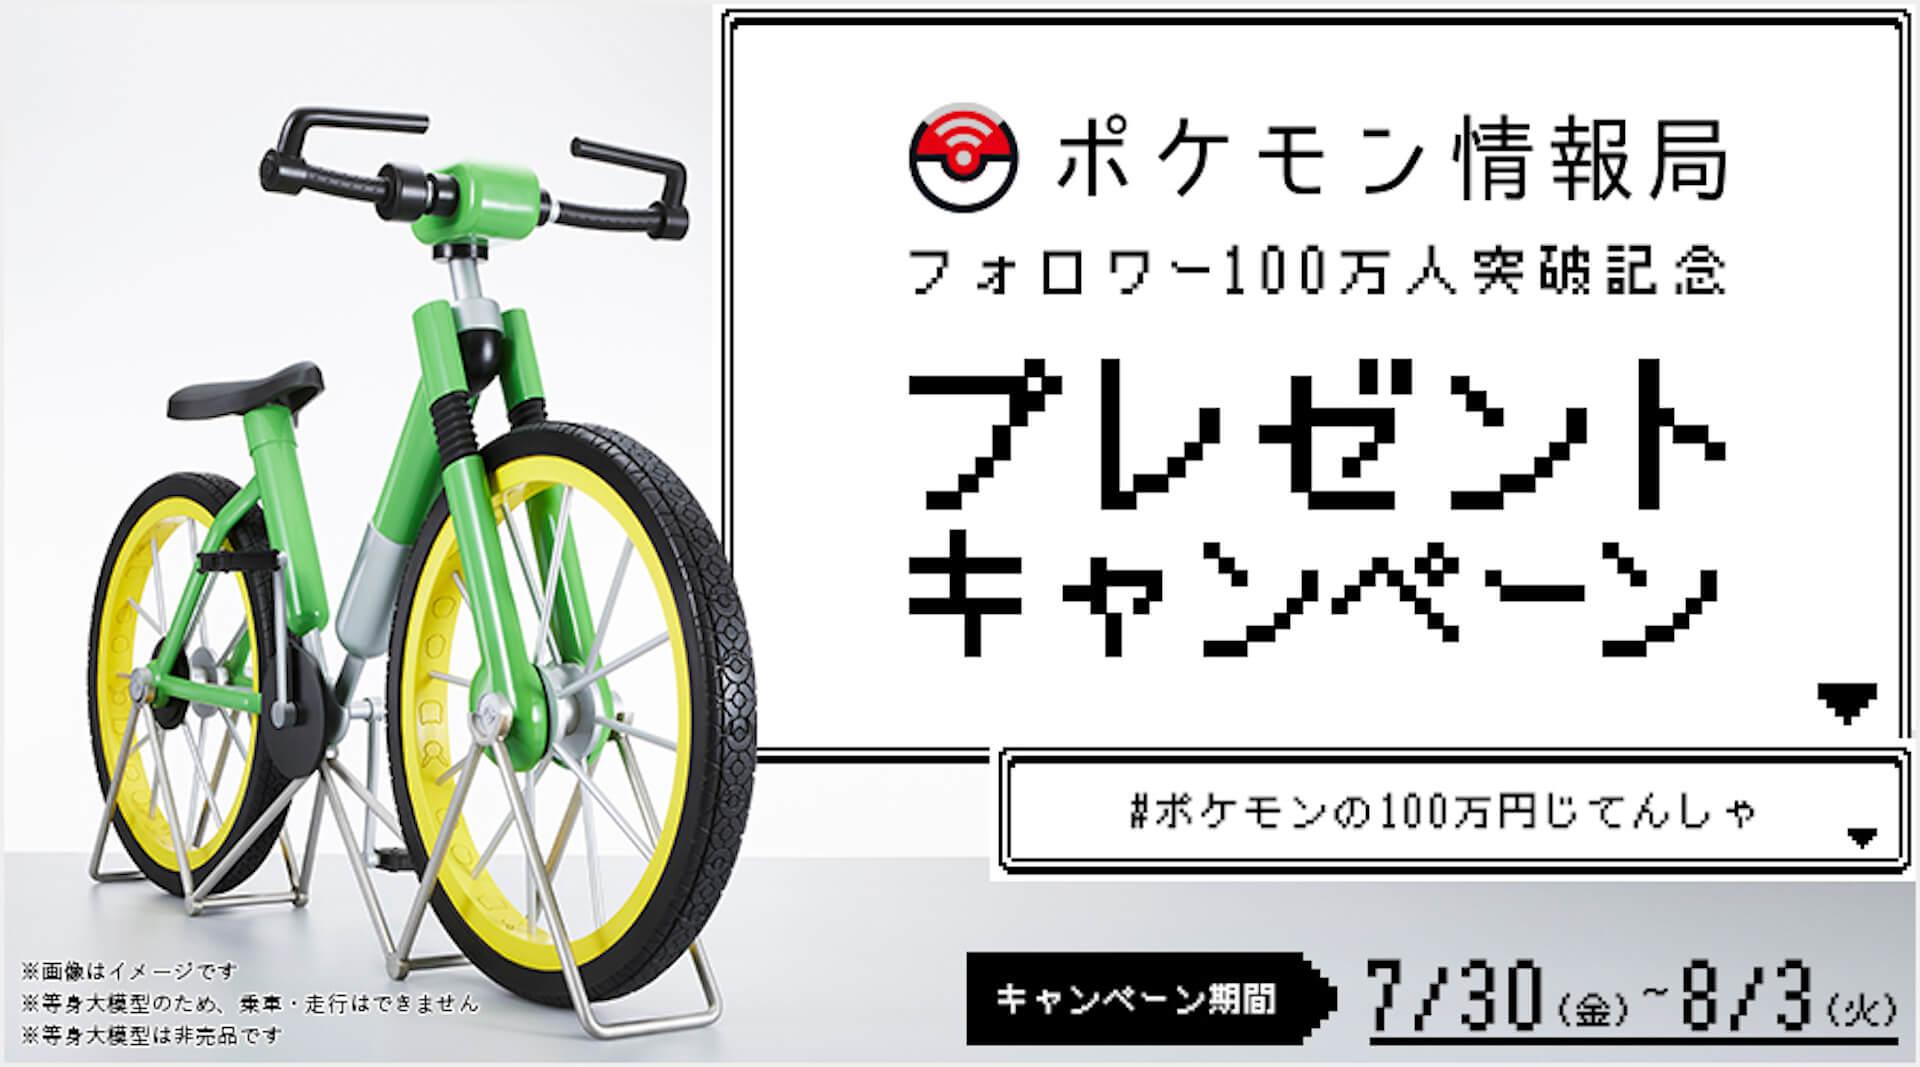 あの「ポケモンの100万円じてんしゃ」がゲットできる!『ポケットモンスター 赤・緑』のじてんしゃが等身大模型になって登場 tech210730_pokemon_bike_3